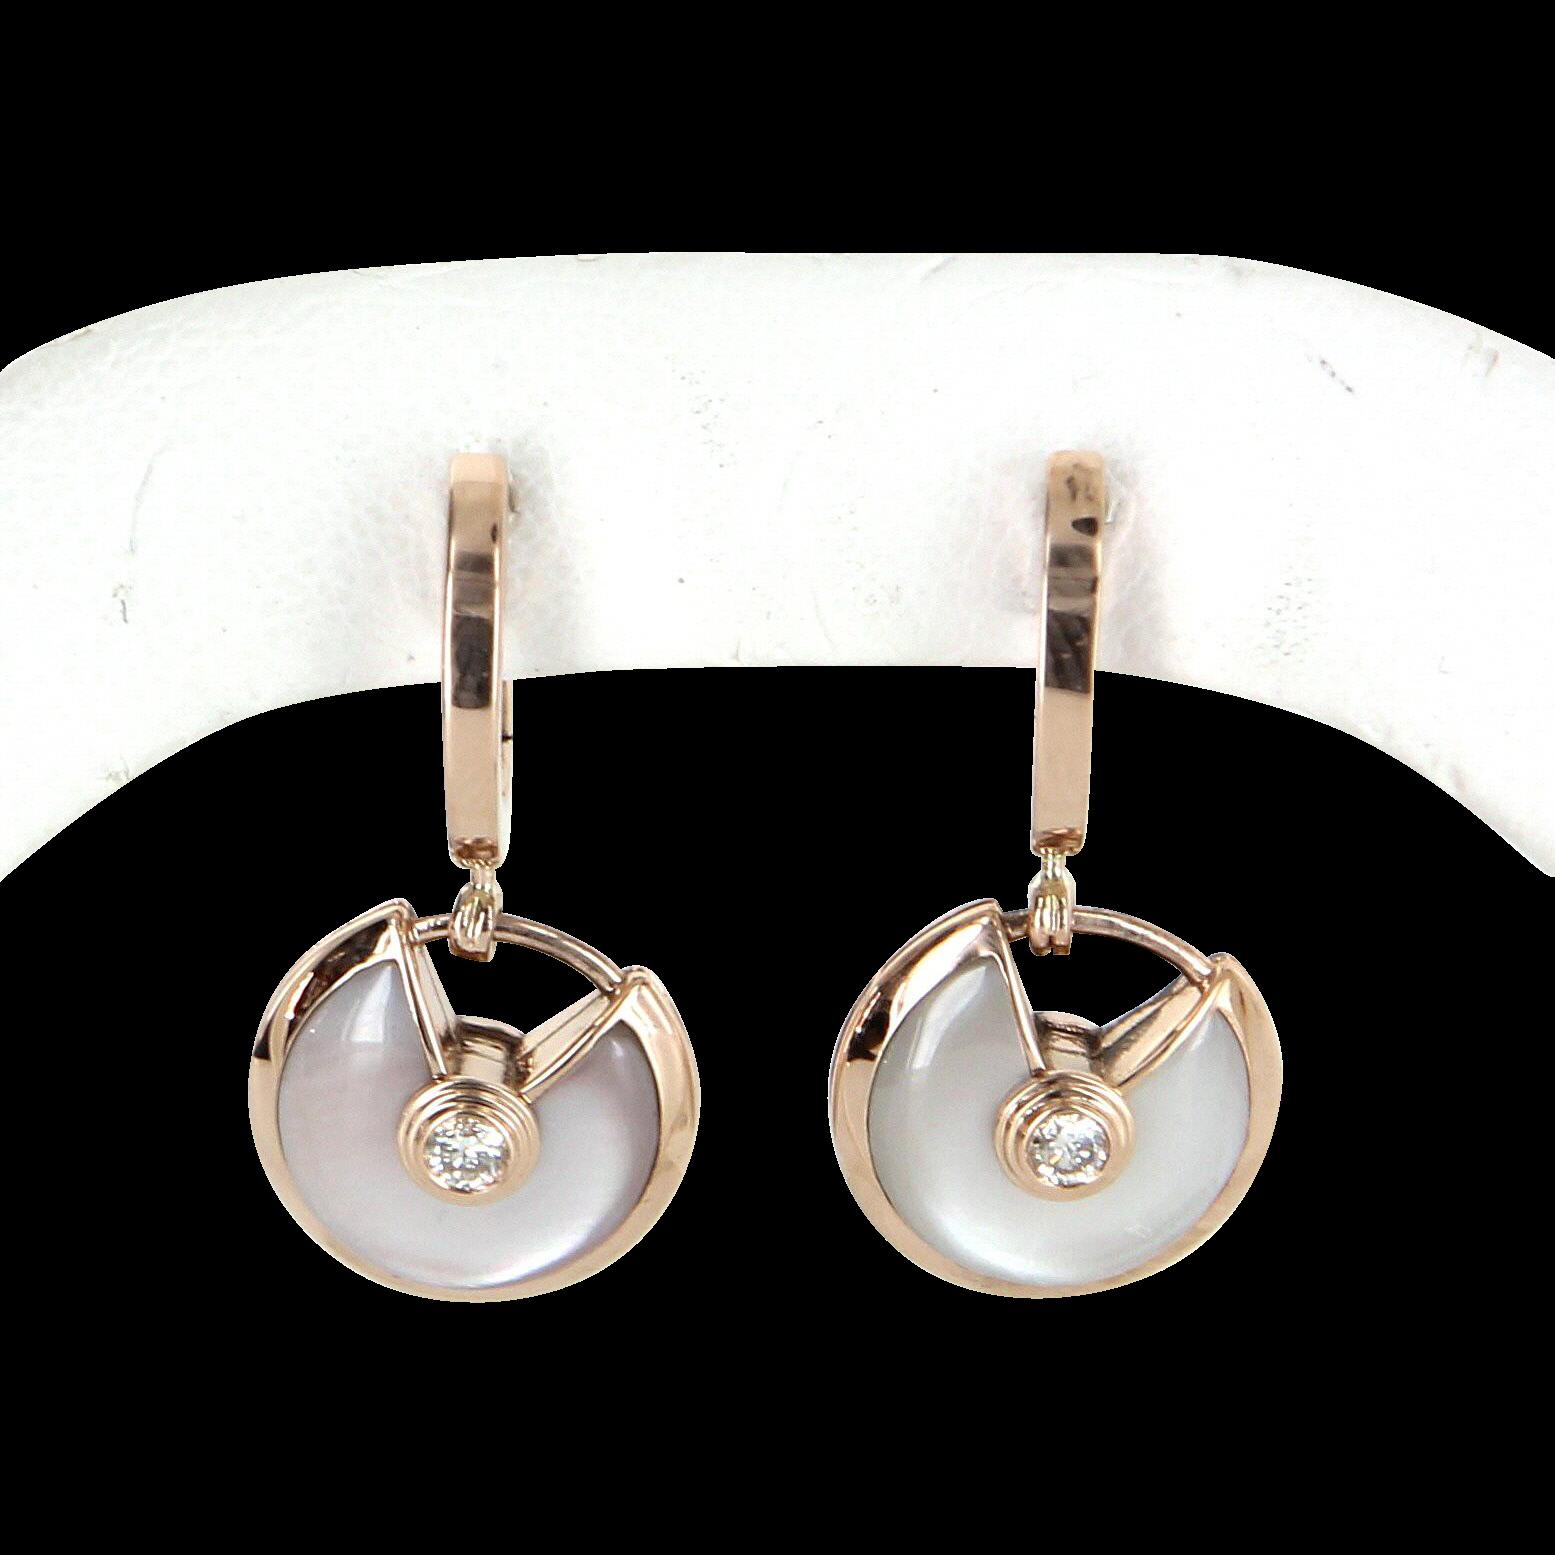 Amulette de Cartier Earrings Estate MOP Diamond 18 Karat Rose Gold Designer Jewelry